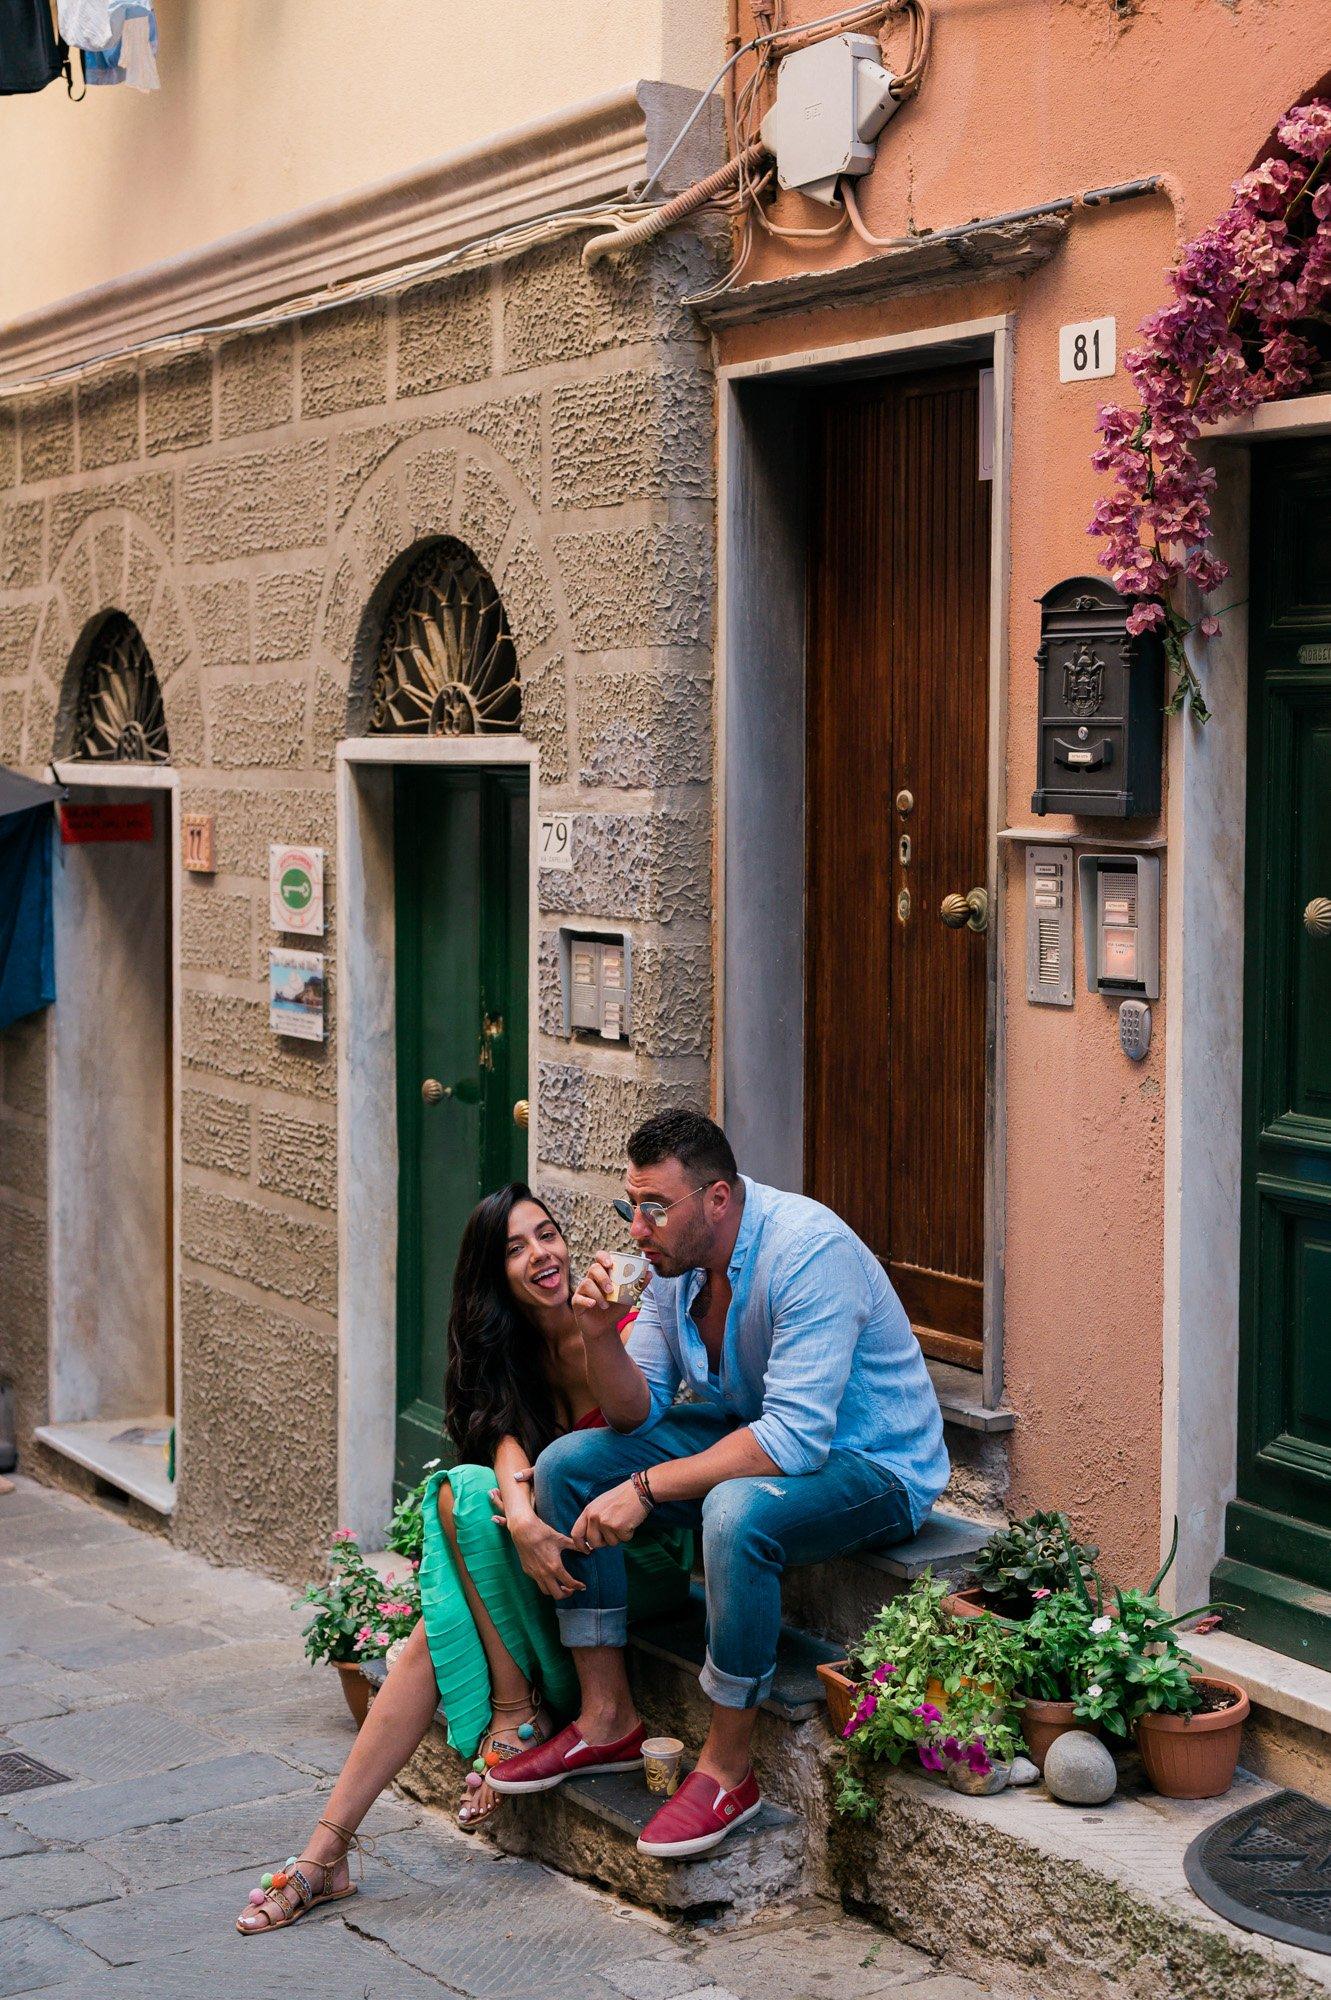 Сватба в Италия - Сватбен фотограф в Италия